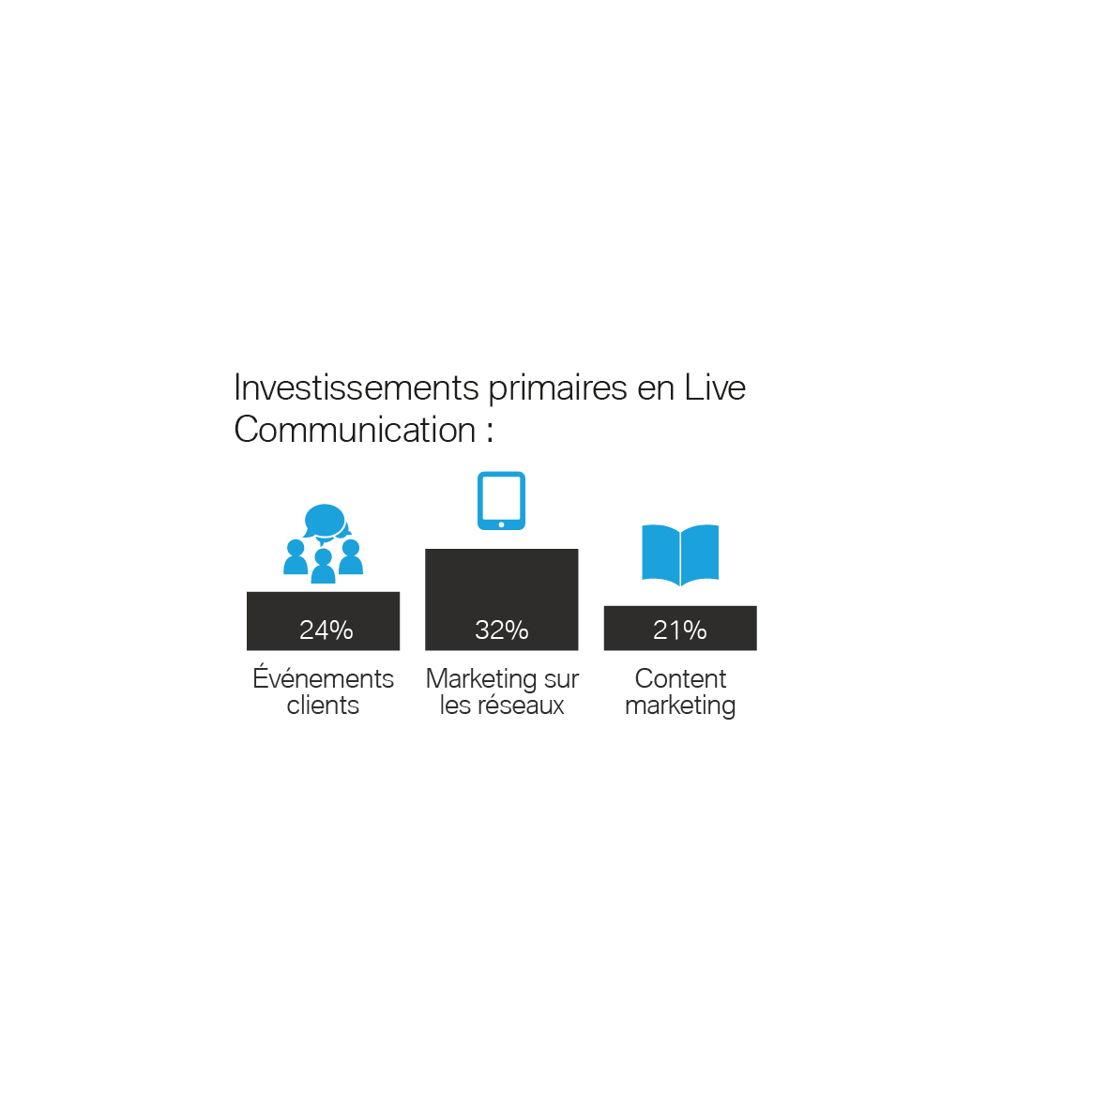 Investissements primaires en Live Communication